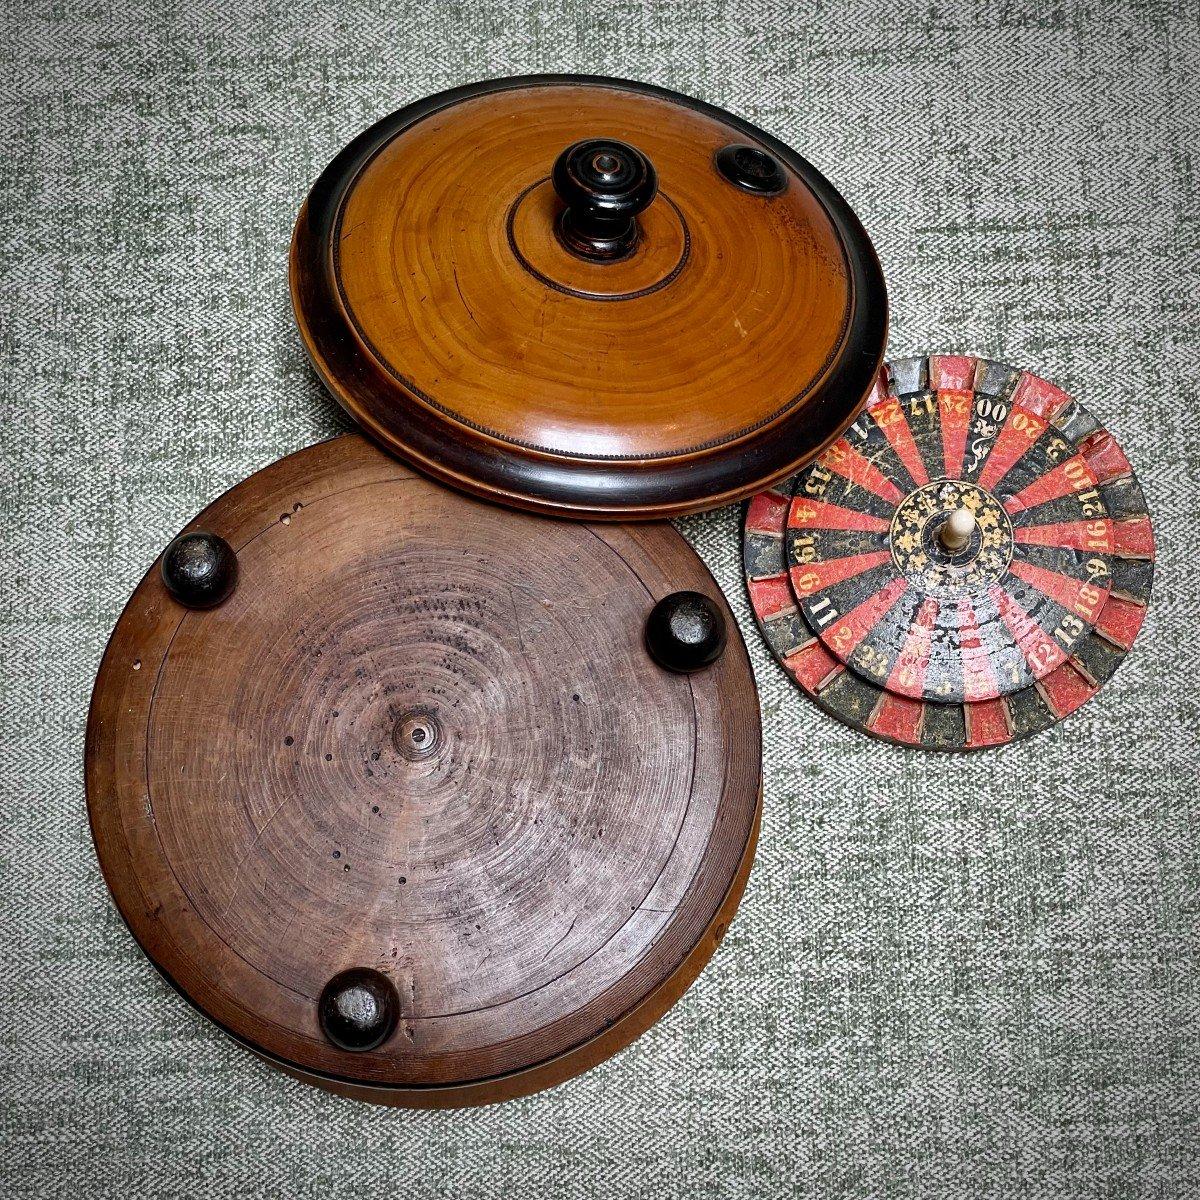 petite roulette de table 19ème-photo-4